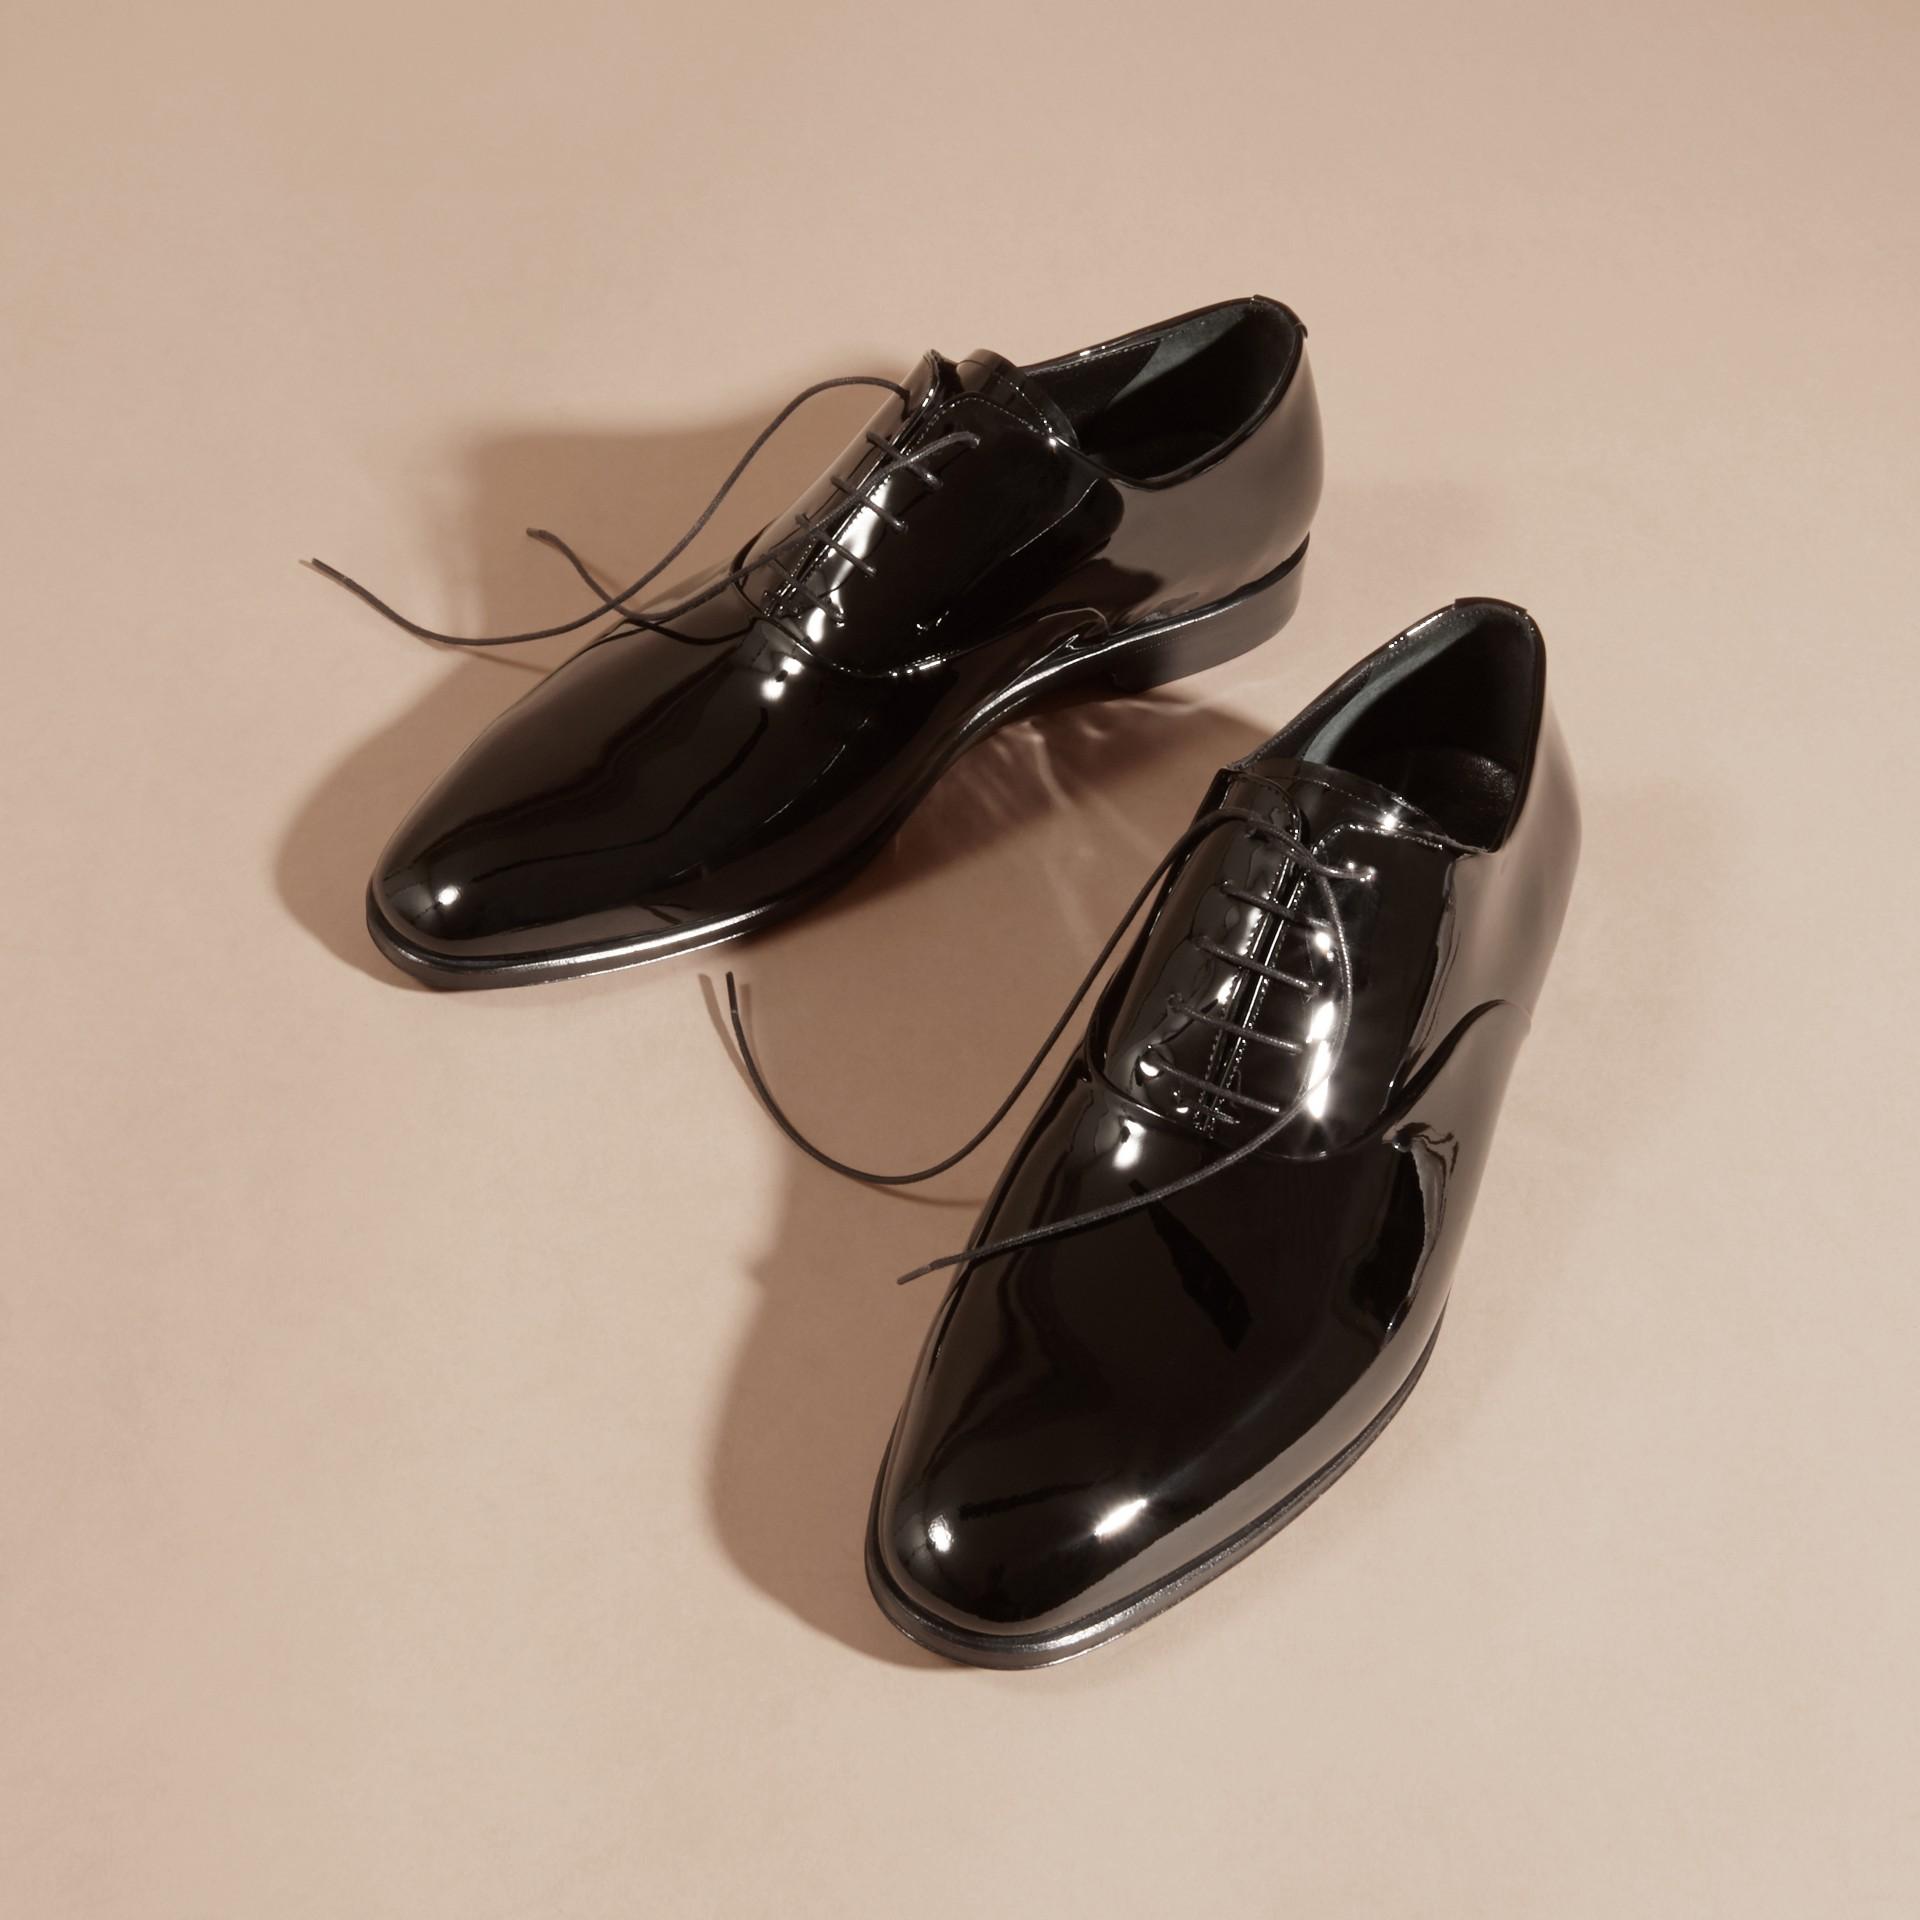 Scarpe da sera con lacci in pelle lucida - immagine della galleria 3